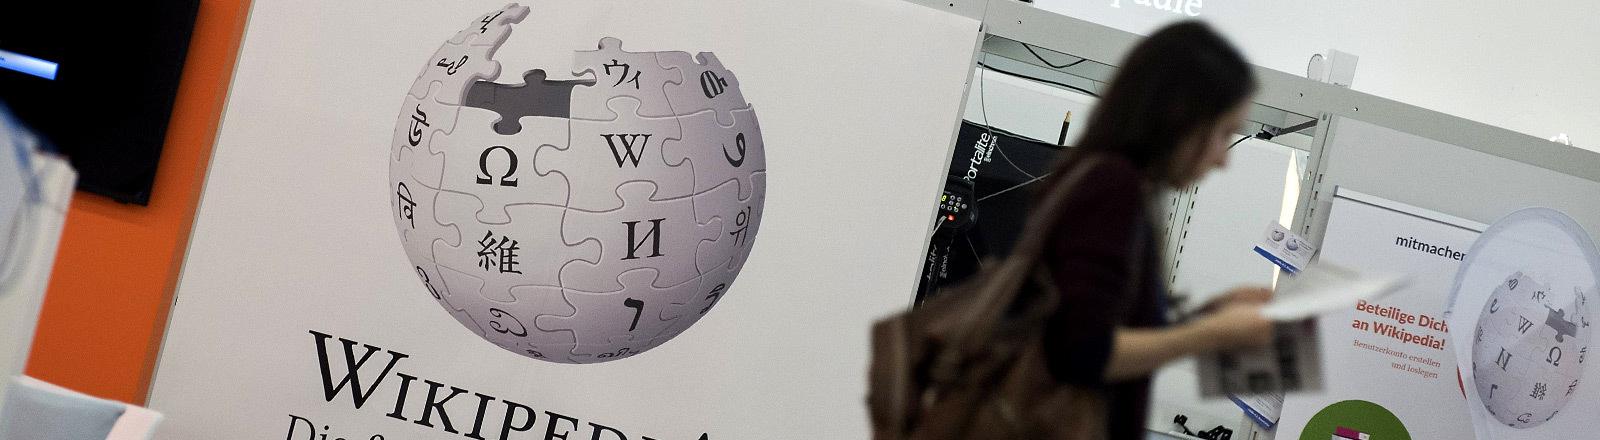 Der Stand von Wikipedia auf der Buchmesse.